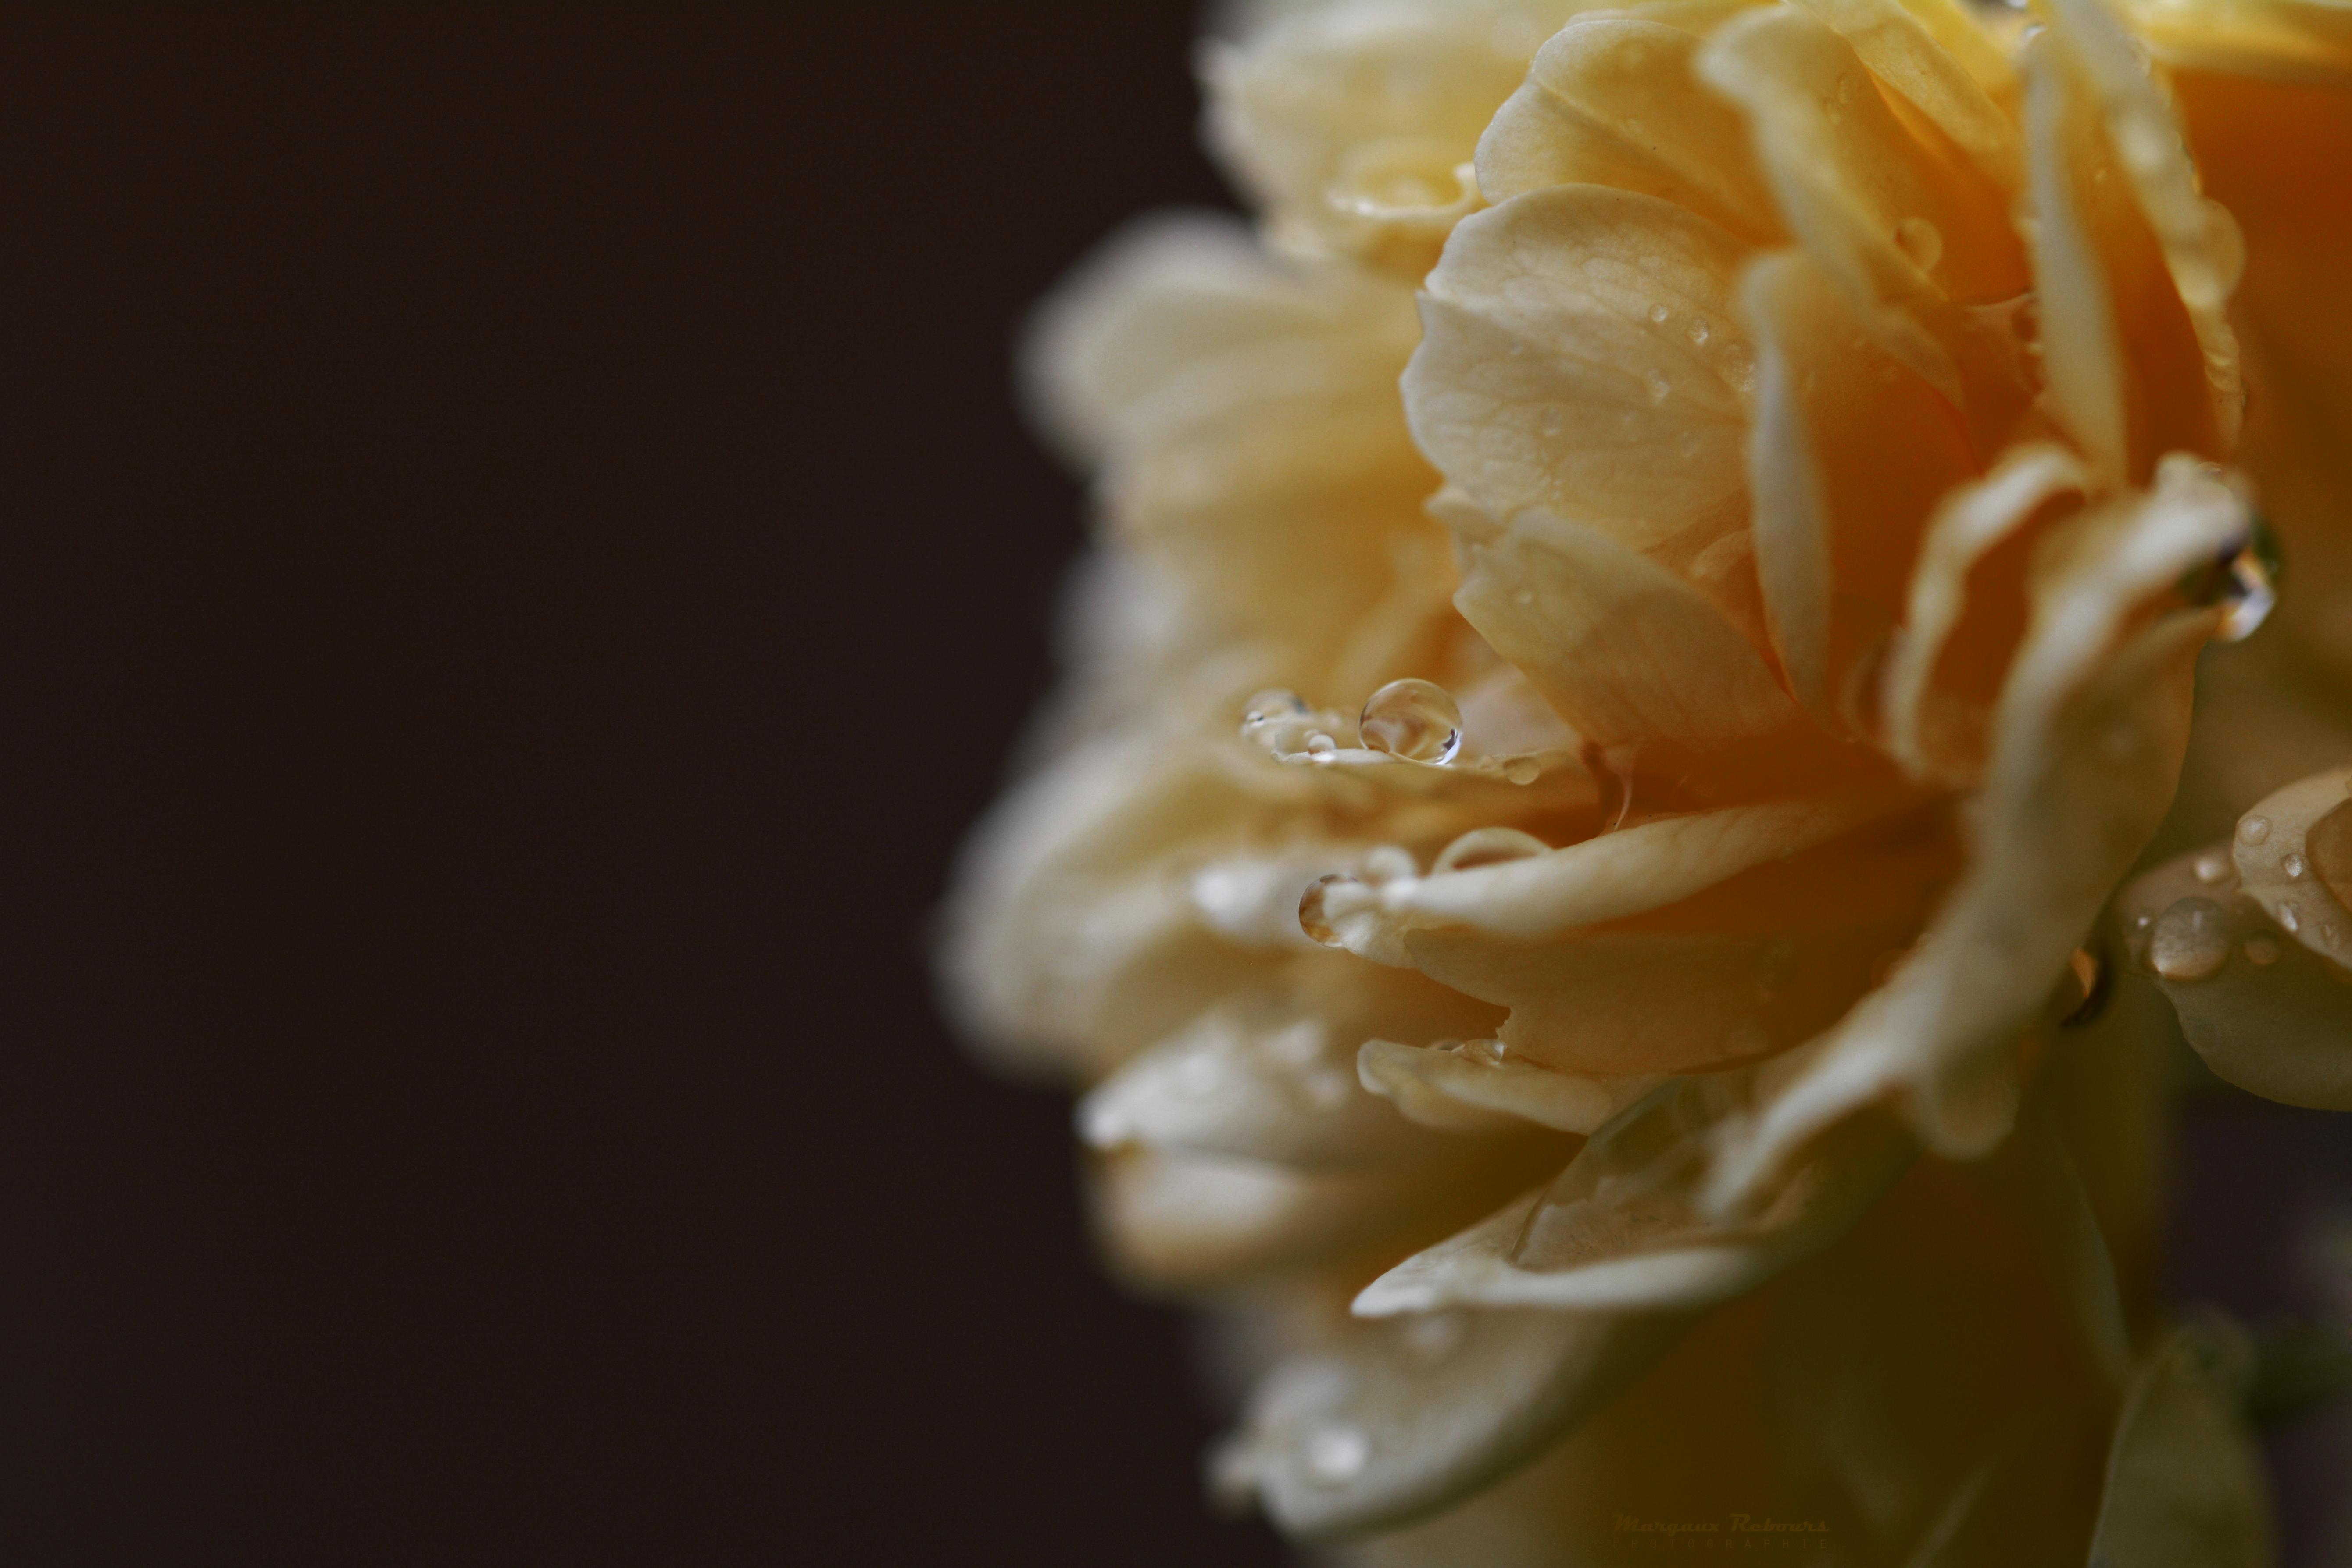 Caresse florale